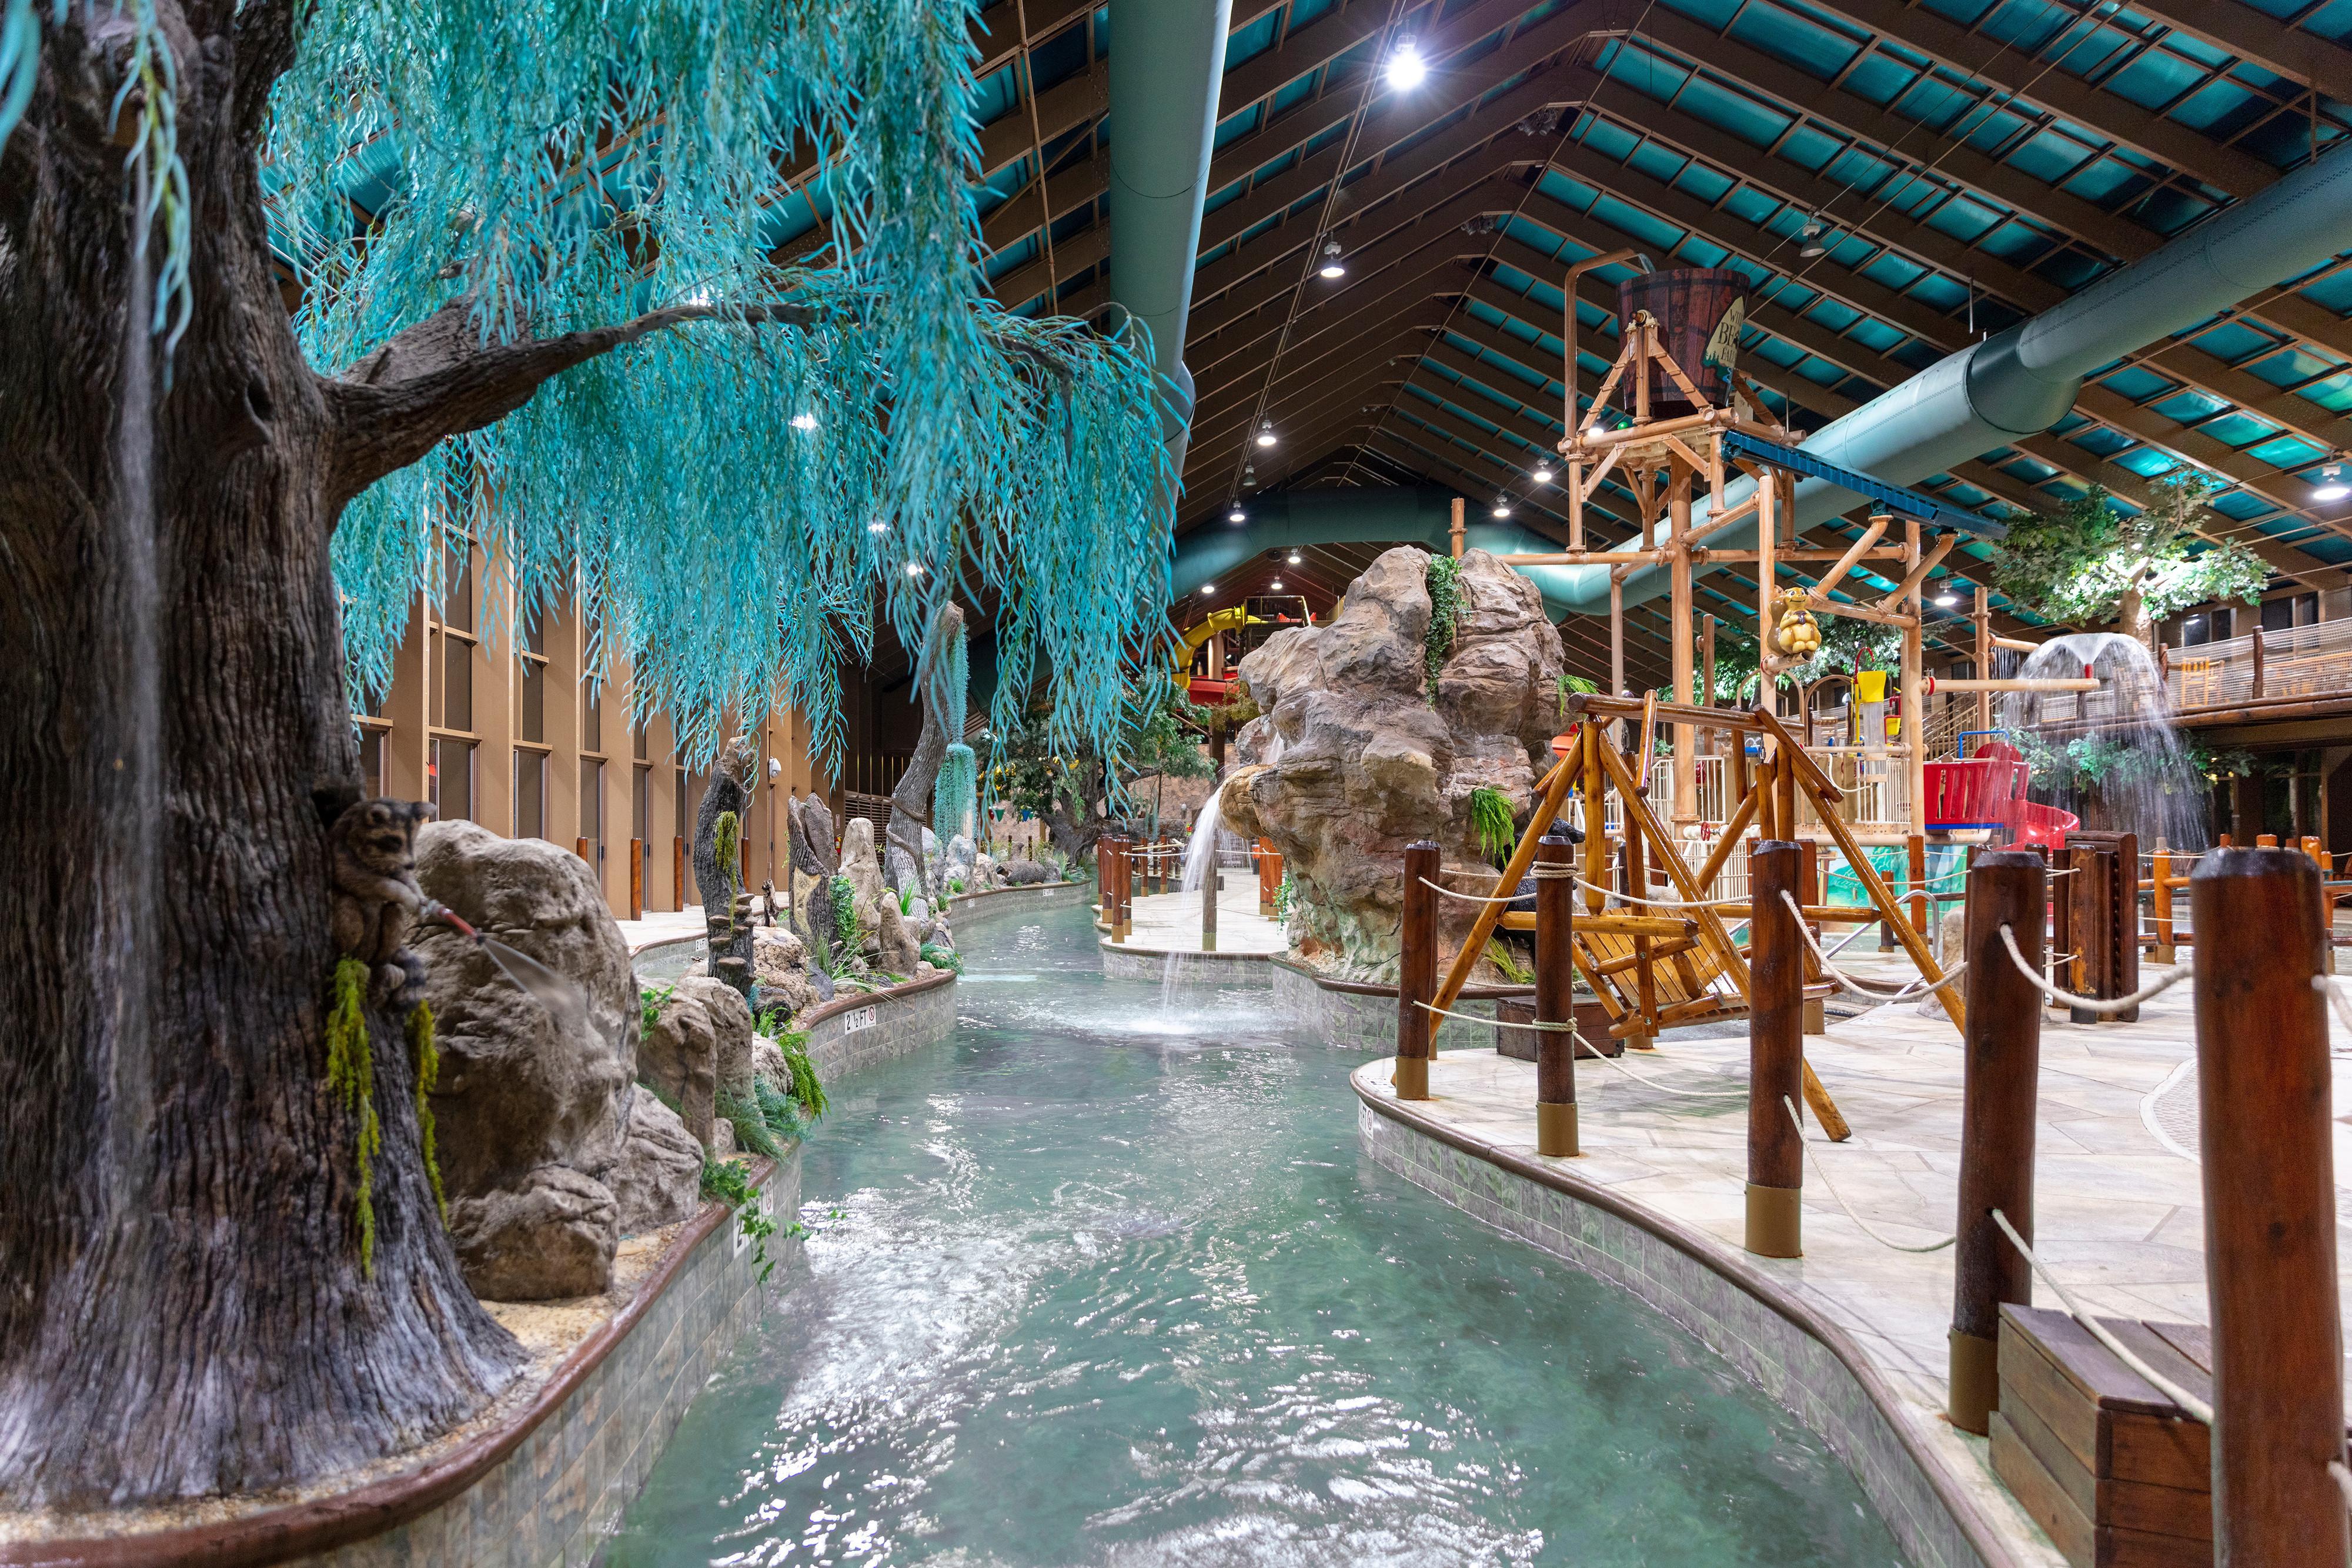 Gatlinburg Hotel Deals - Westgate Smoky Mountain Resort & Water Park